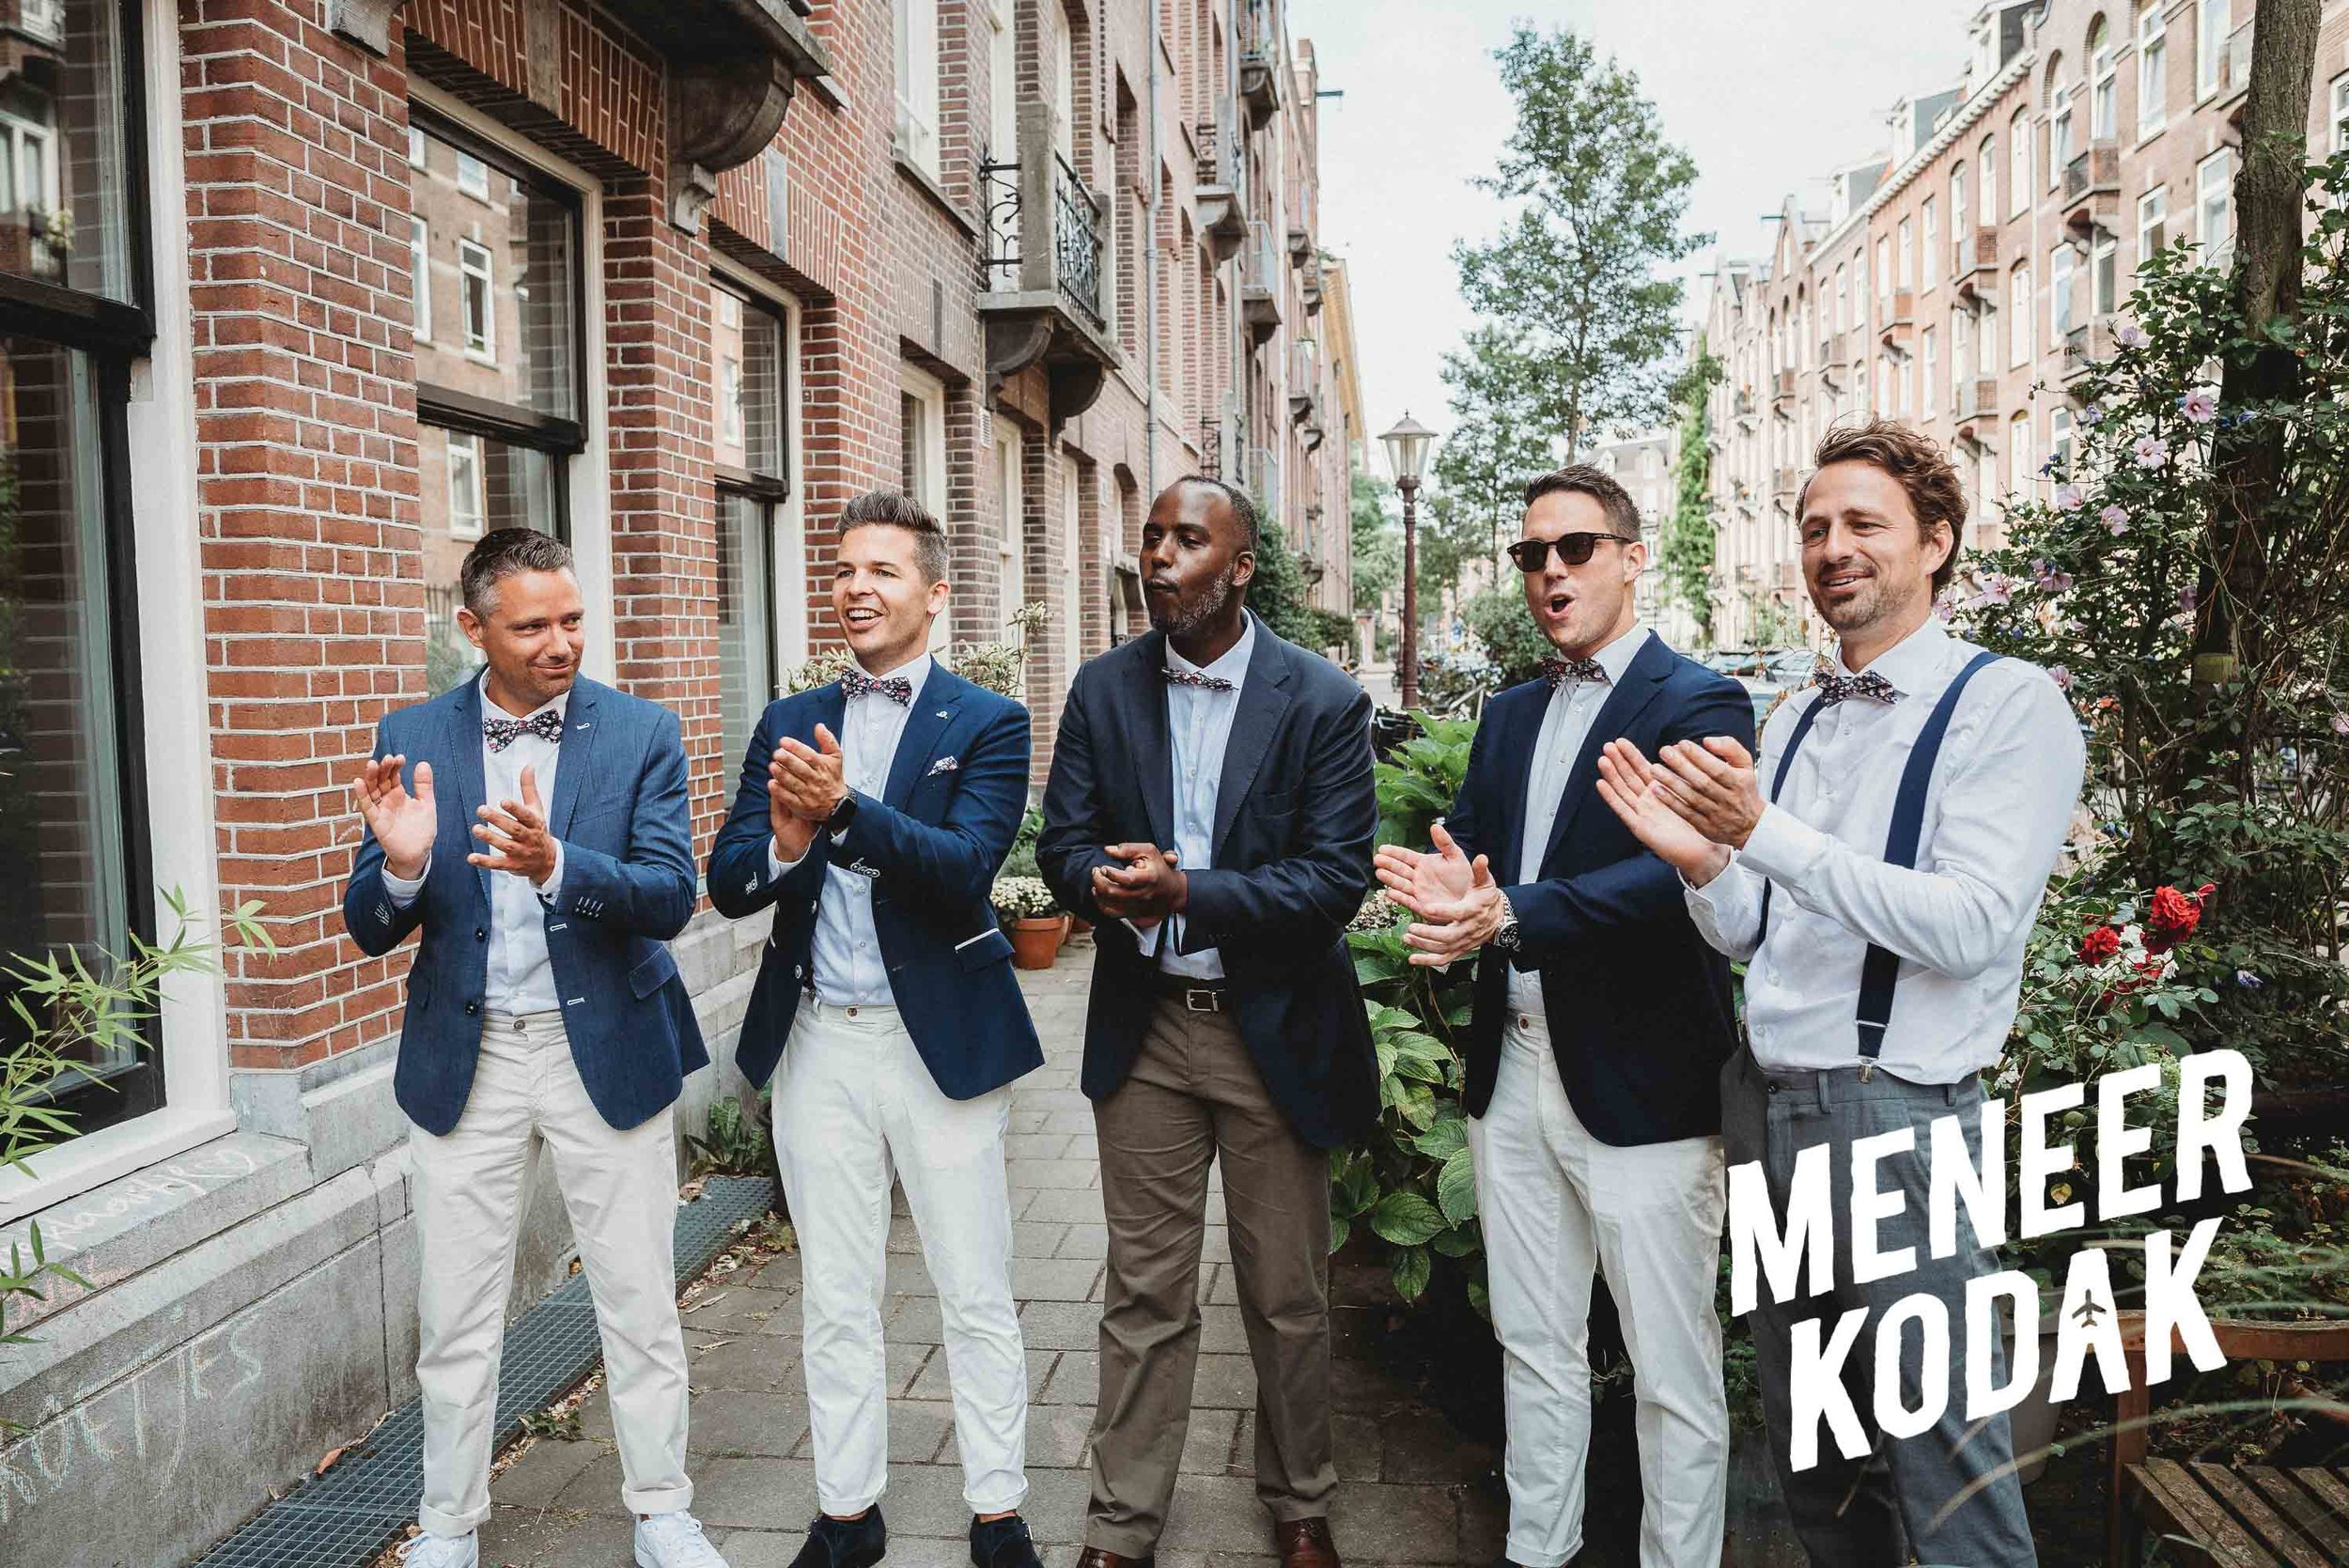 Meneer Kodak - Trouwfotograaf - Amsterdam - H&T-035.jpg